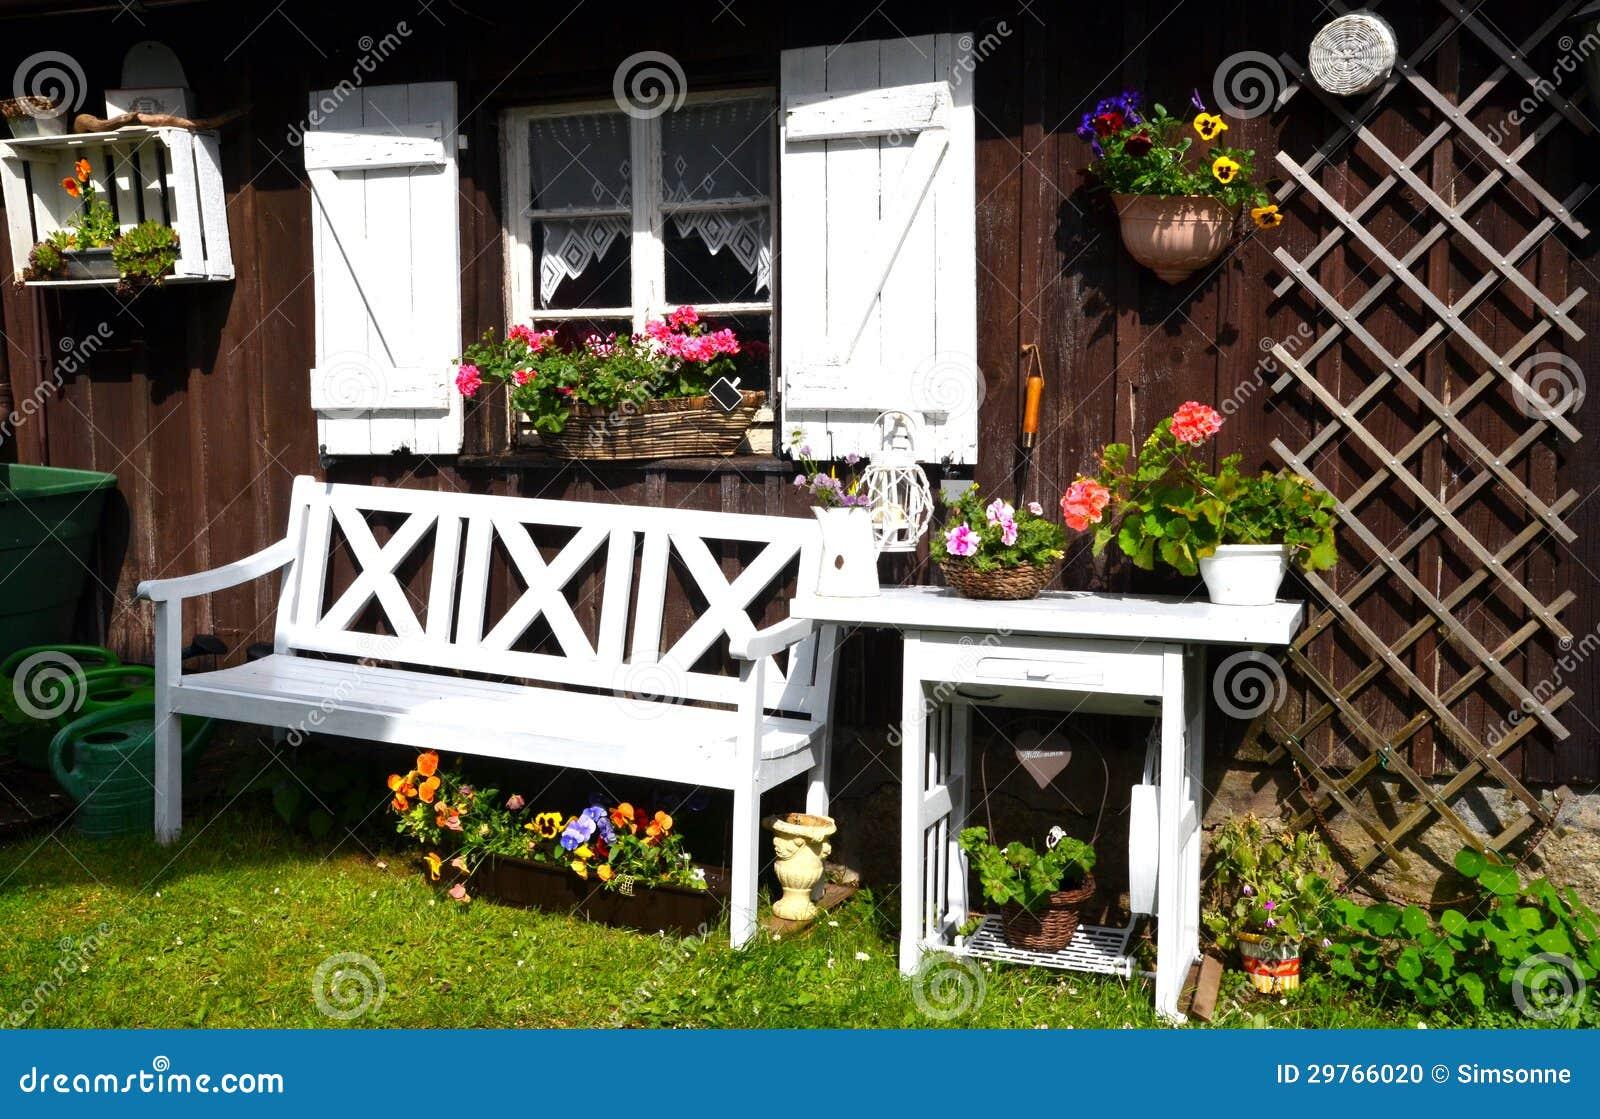 Casa De Campo Do Jardim No Verão Foto de Stock - Imagem ...